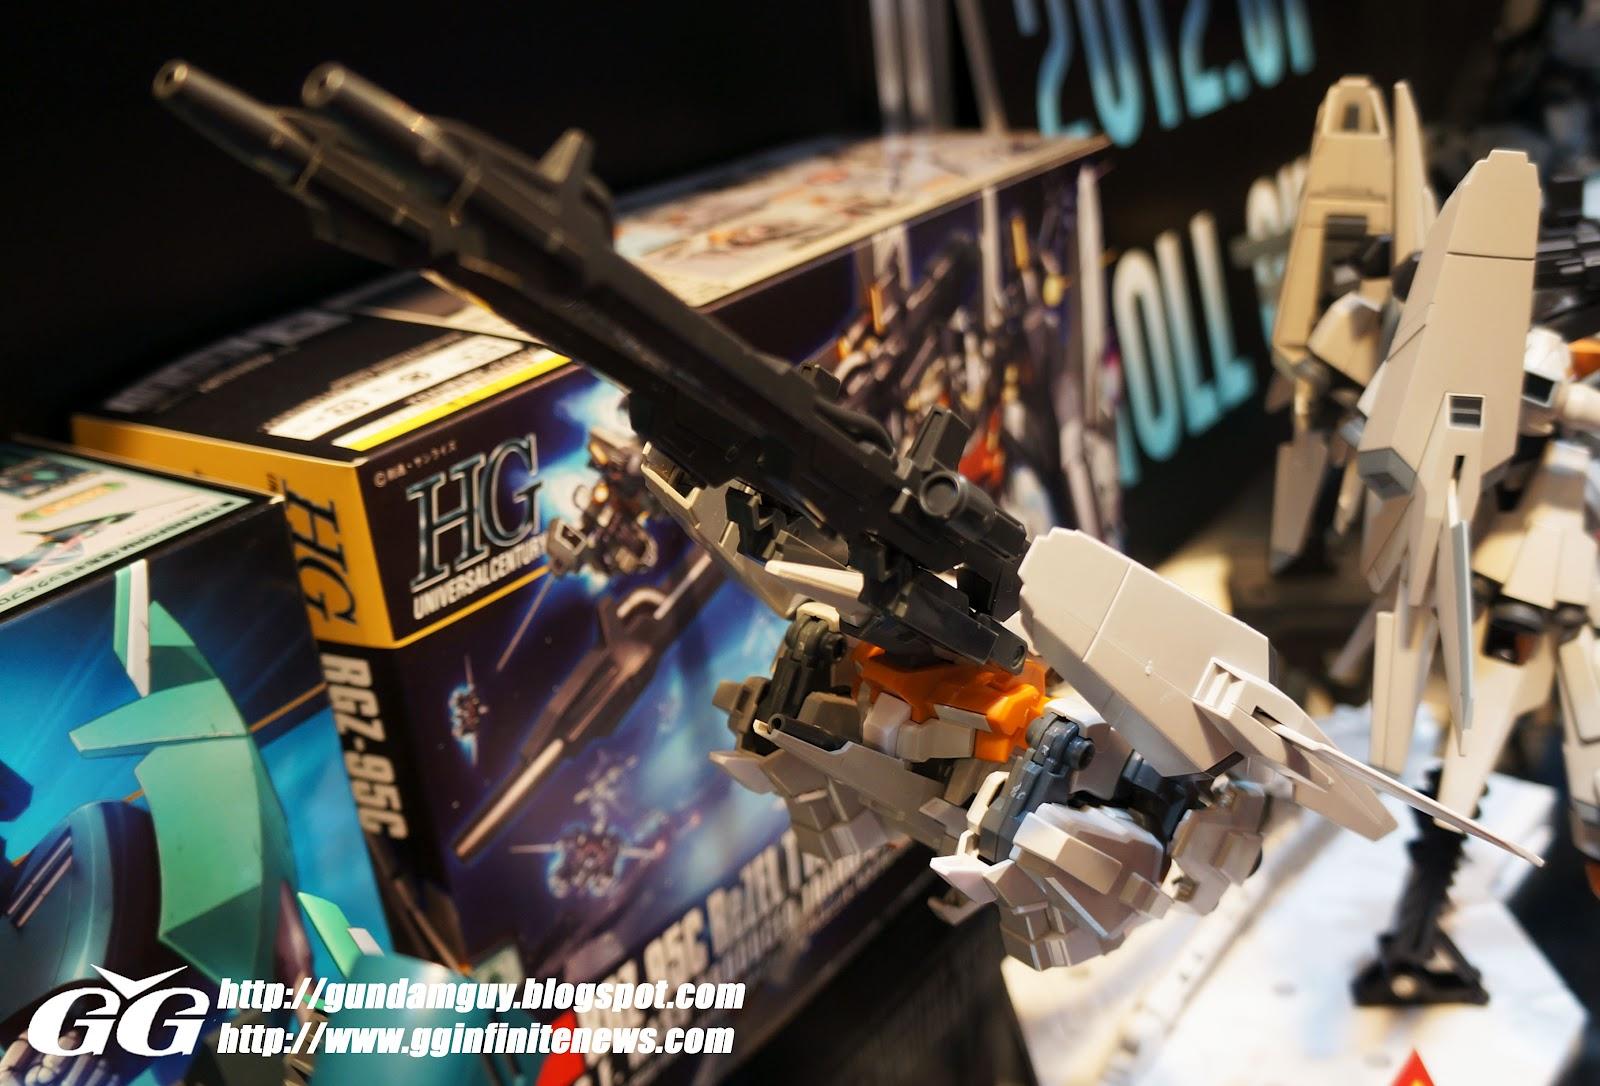 http://3.bp.blogspot.com/-0HZJ4g29XRI/T7TrNISvc5I/AAAAAAACm3E/MtYYqMTWty0/s1600/25k.jpg